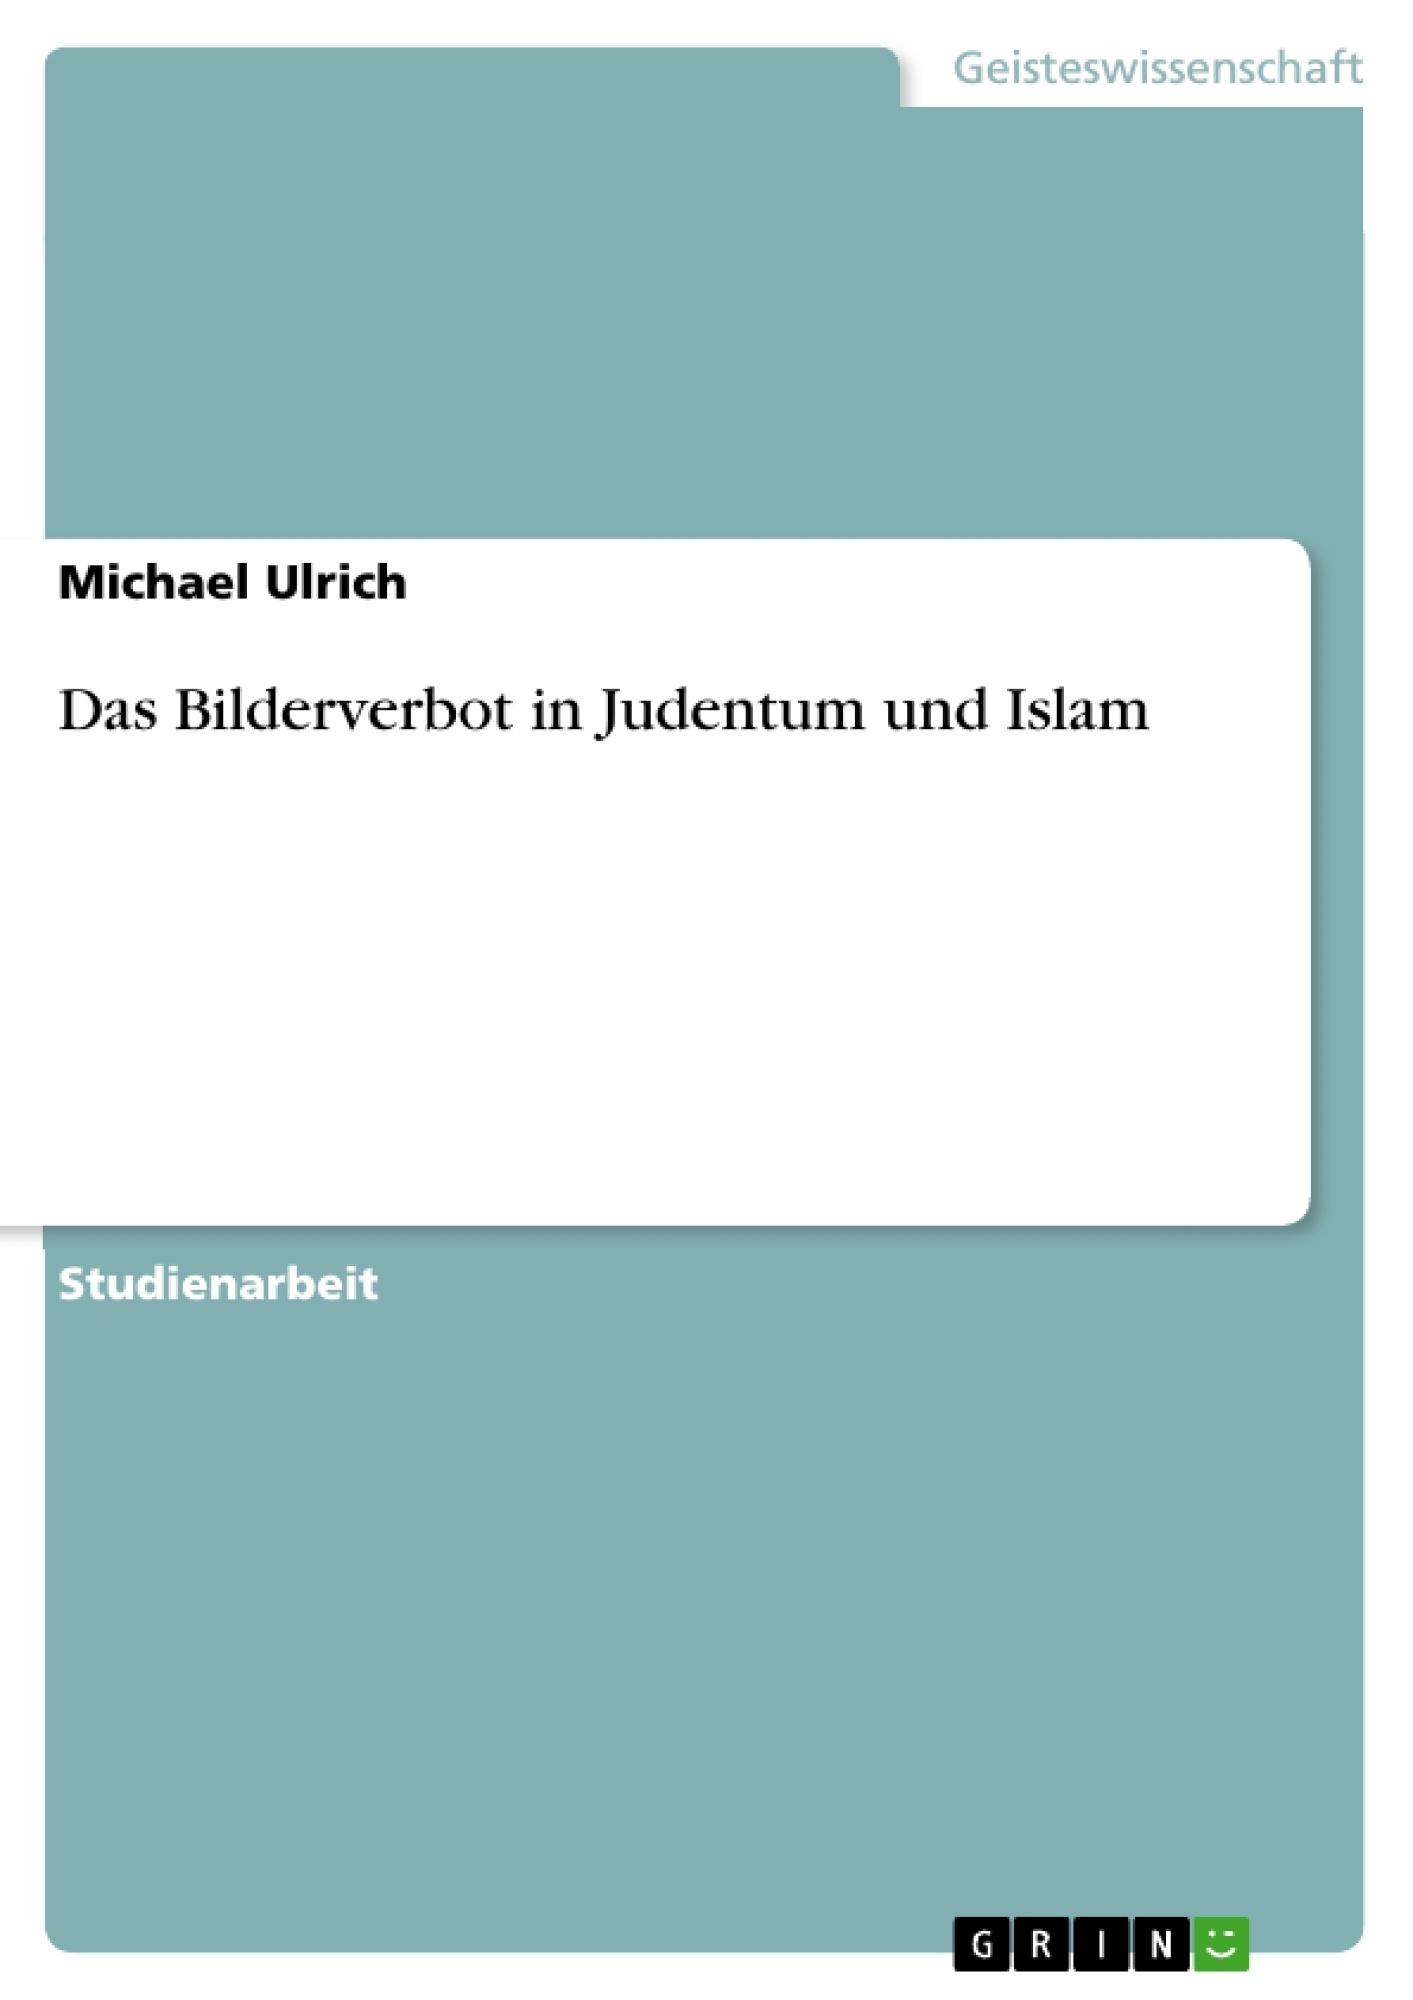 Titel: Das Bilderverbot in Judentum und Islam